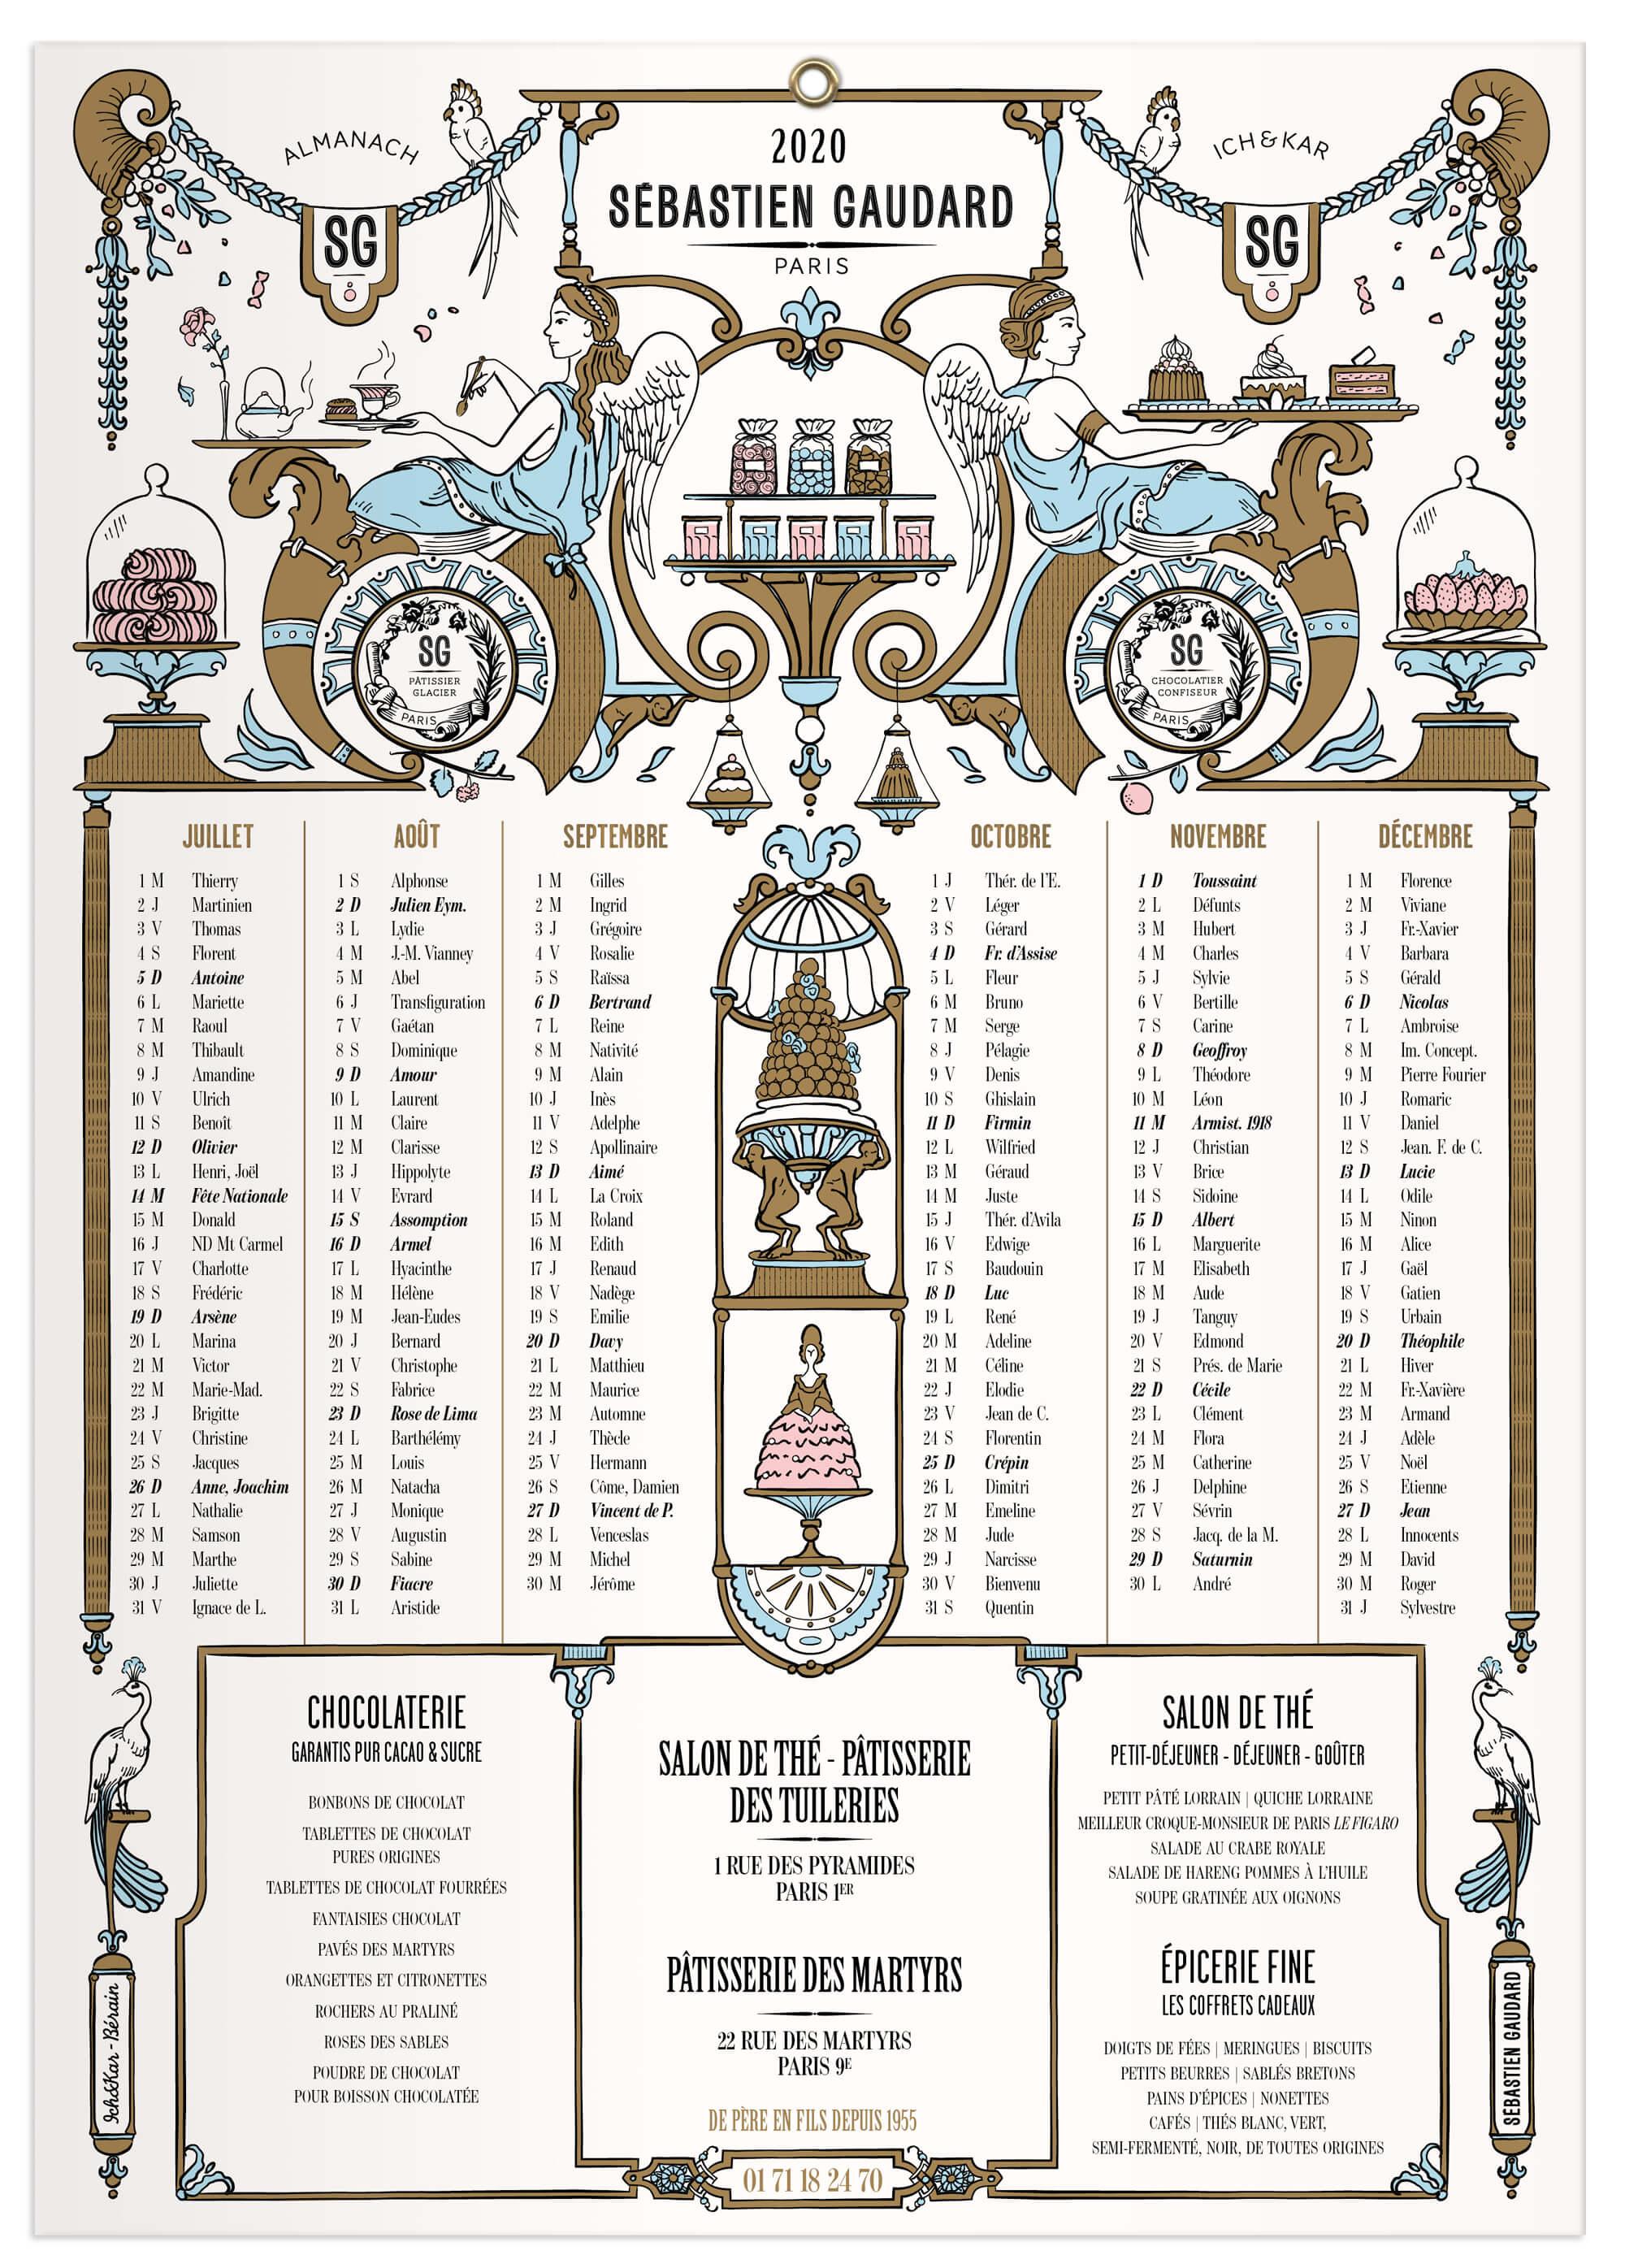 Pour l'almanach 2020 ichetkar dessine un décor pâtissier les  victoires prennent le thé dans une structure inspiré du décorateur Bérain